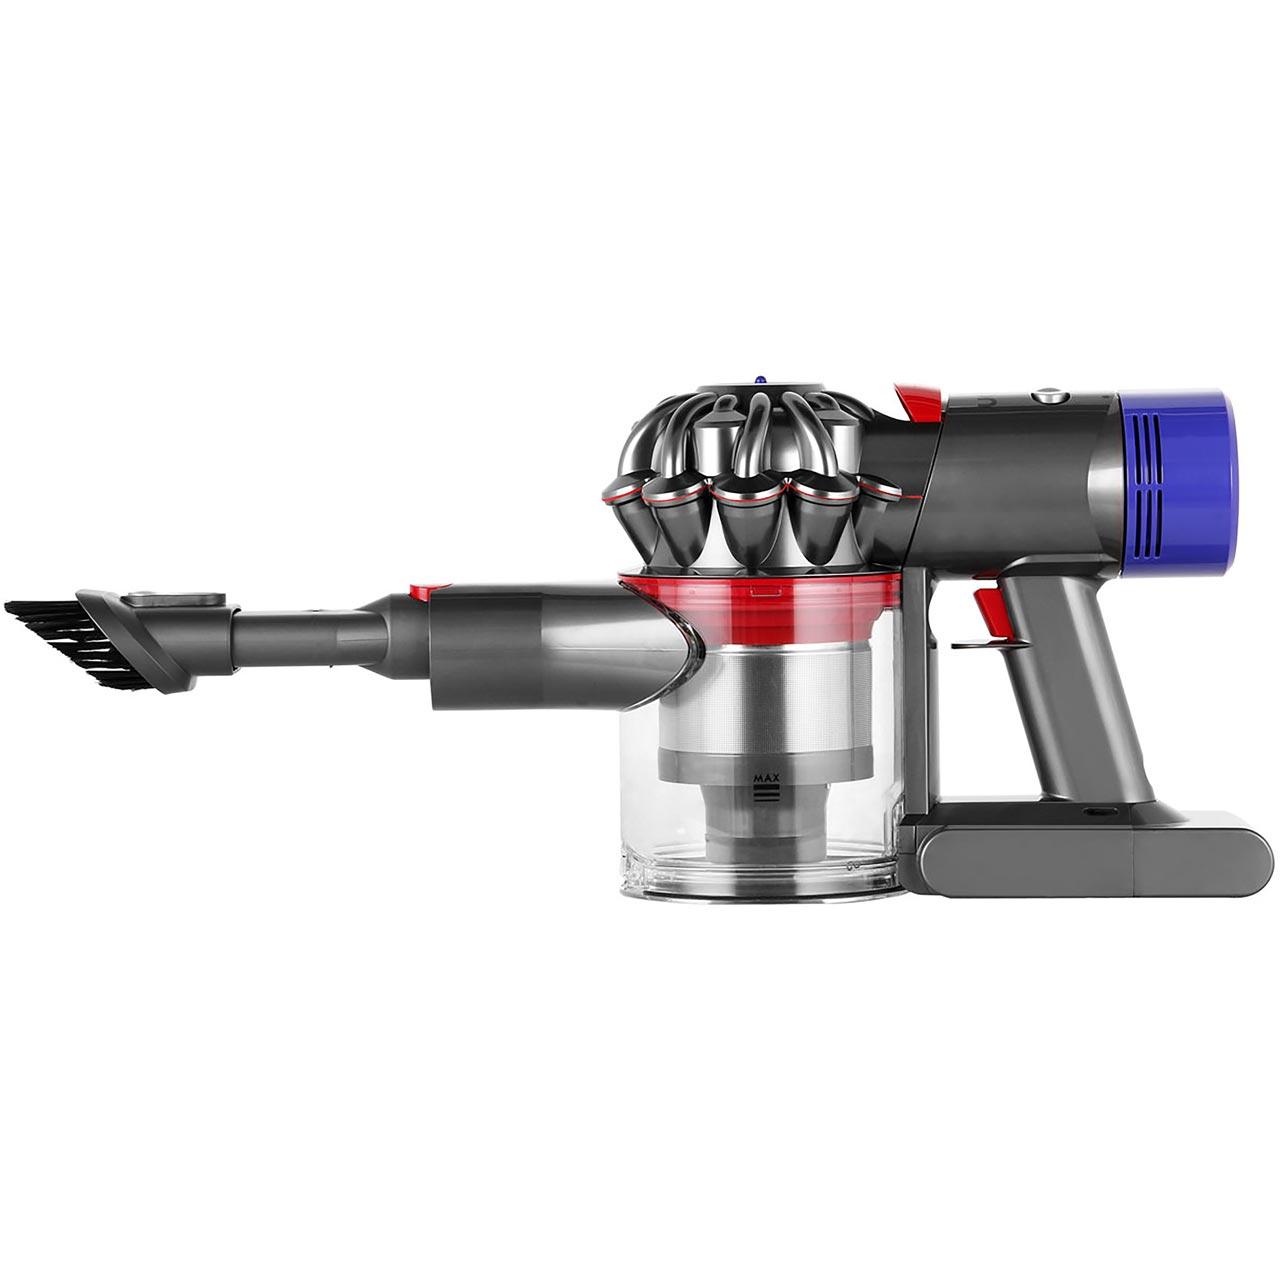 dyson v8 animal v8 cordless vacuum cleaner 2 year manufacturer warranty new 5025155024287 ebay. Black Bedroom Furniture Sets. Home Design Ideas